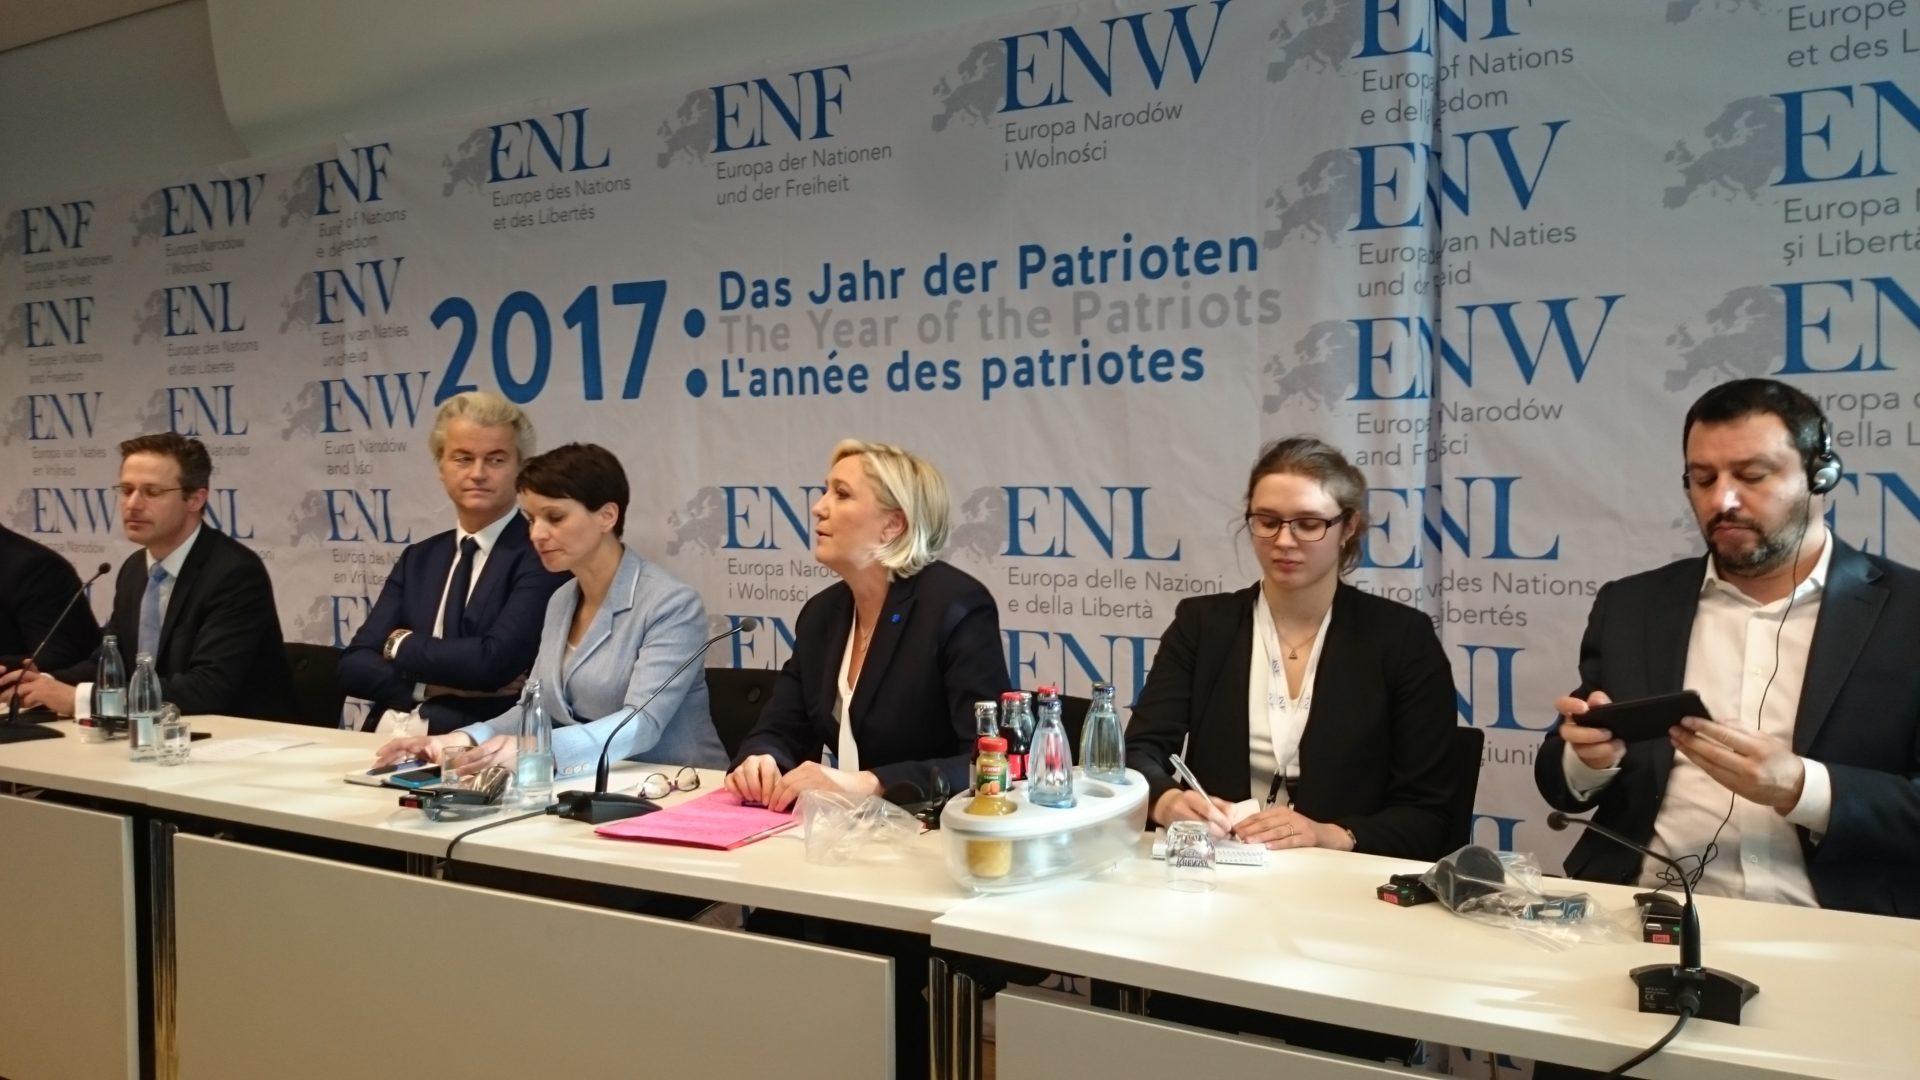 Regard admiratif de Geert Wilders en direction de Marine Le Pen.